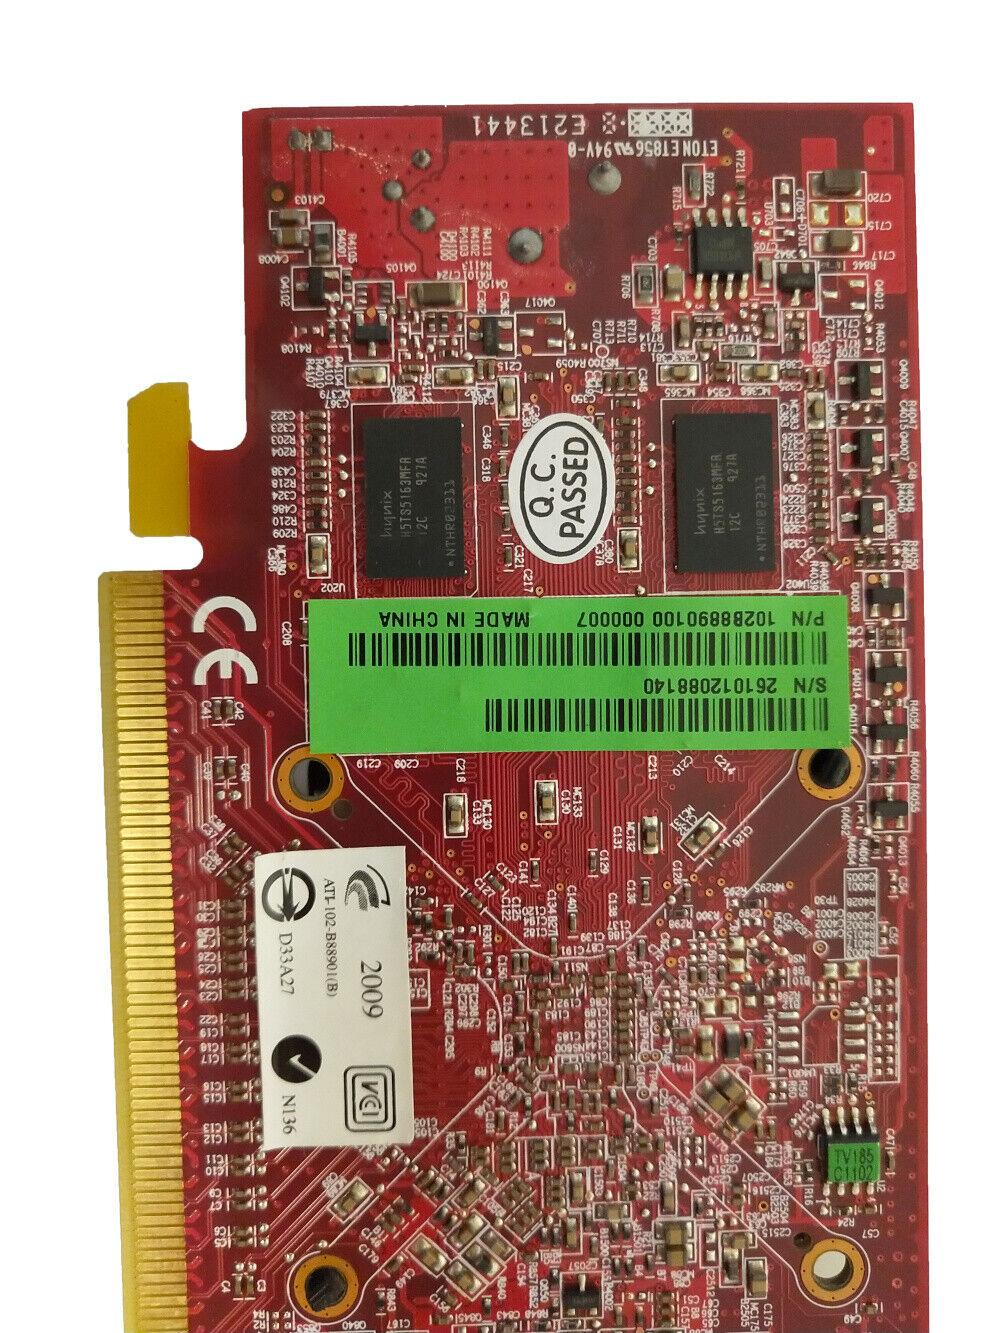 538051-001 FOR HP 256MB PCI-E ATI Radeon hd 4550 Video Card 534547-001